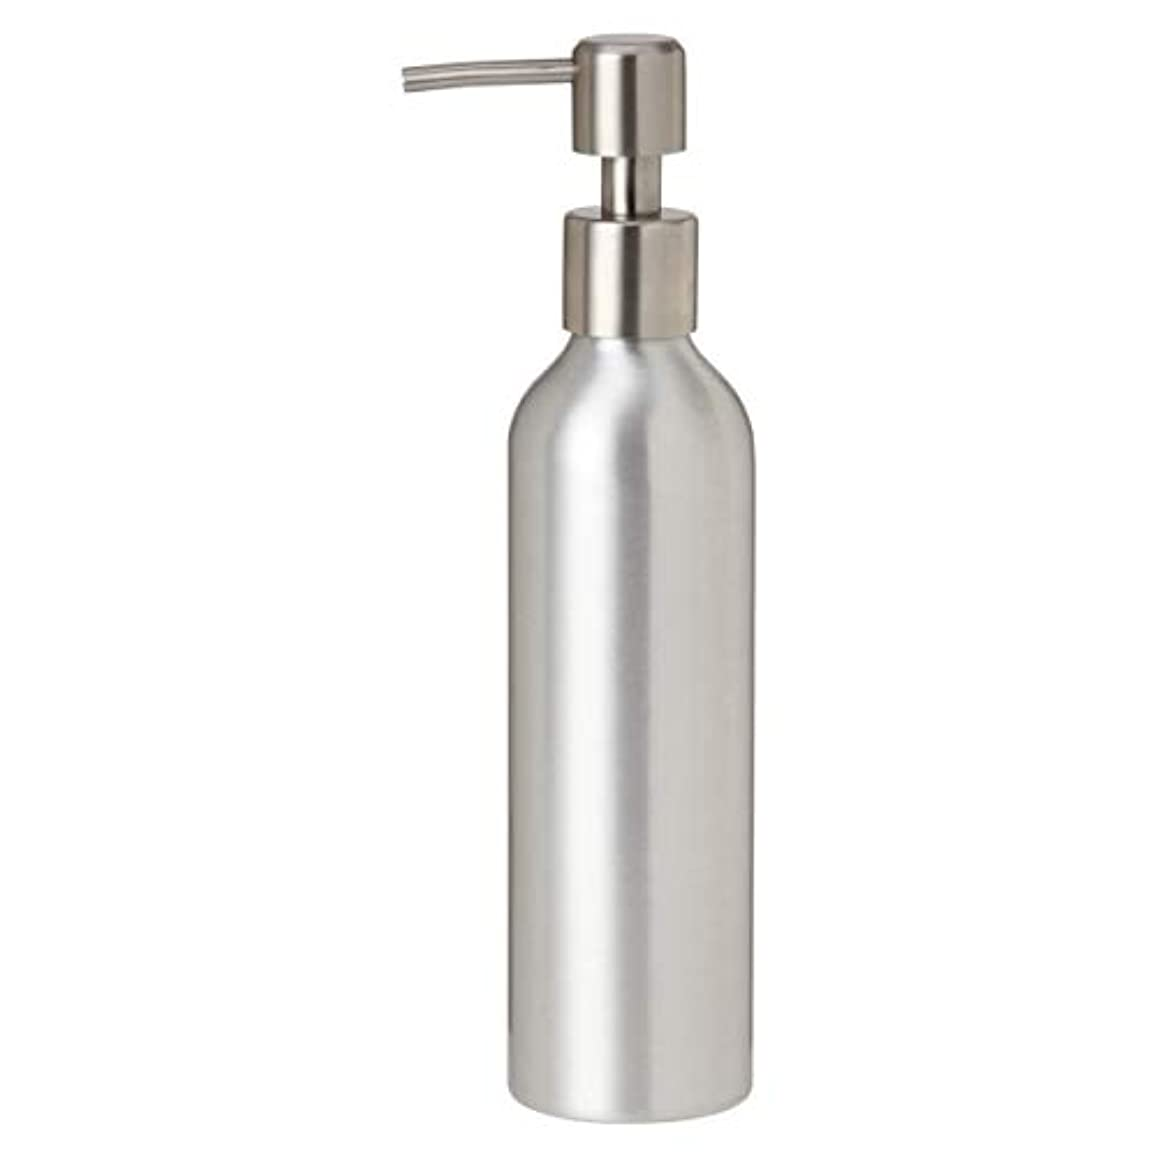 やさしい資格繁栄するアルミポンプボトル 250mL [ オイルウォーマー オイルトリートメント オイルボトル マッサージオイル アロママッサージオイル ボディマッサージオイル ボディオイル アロマオイル ]